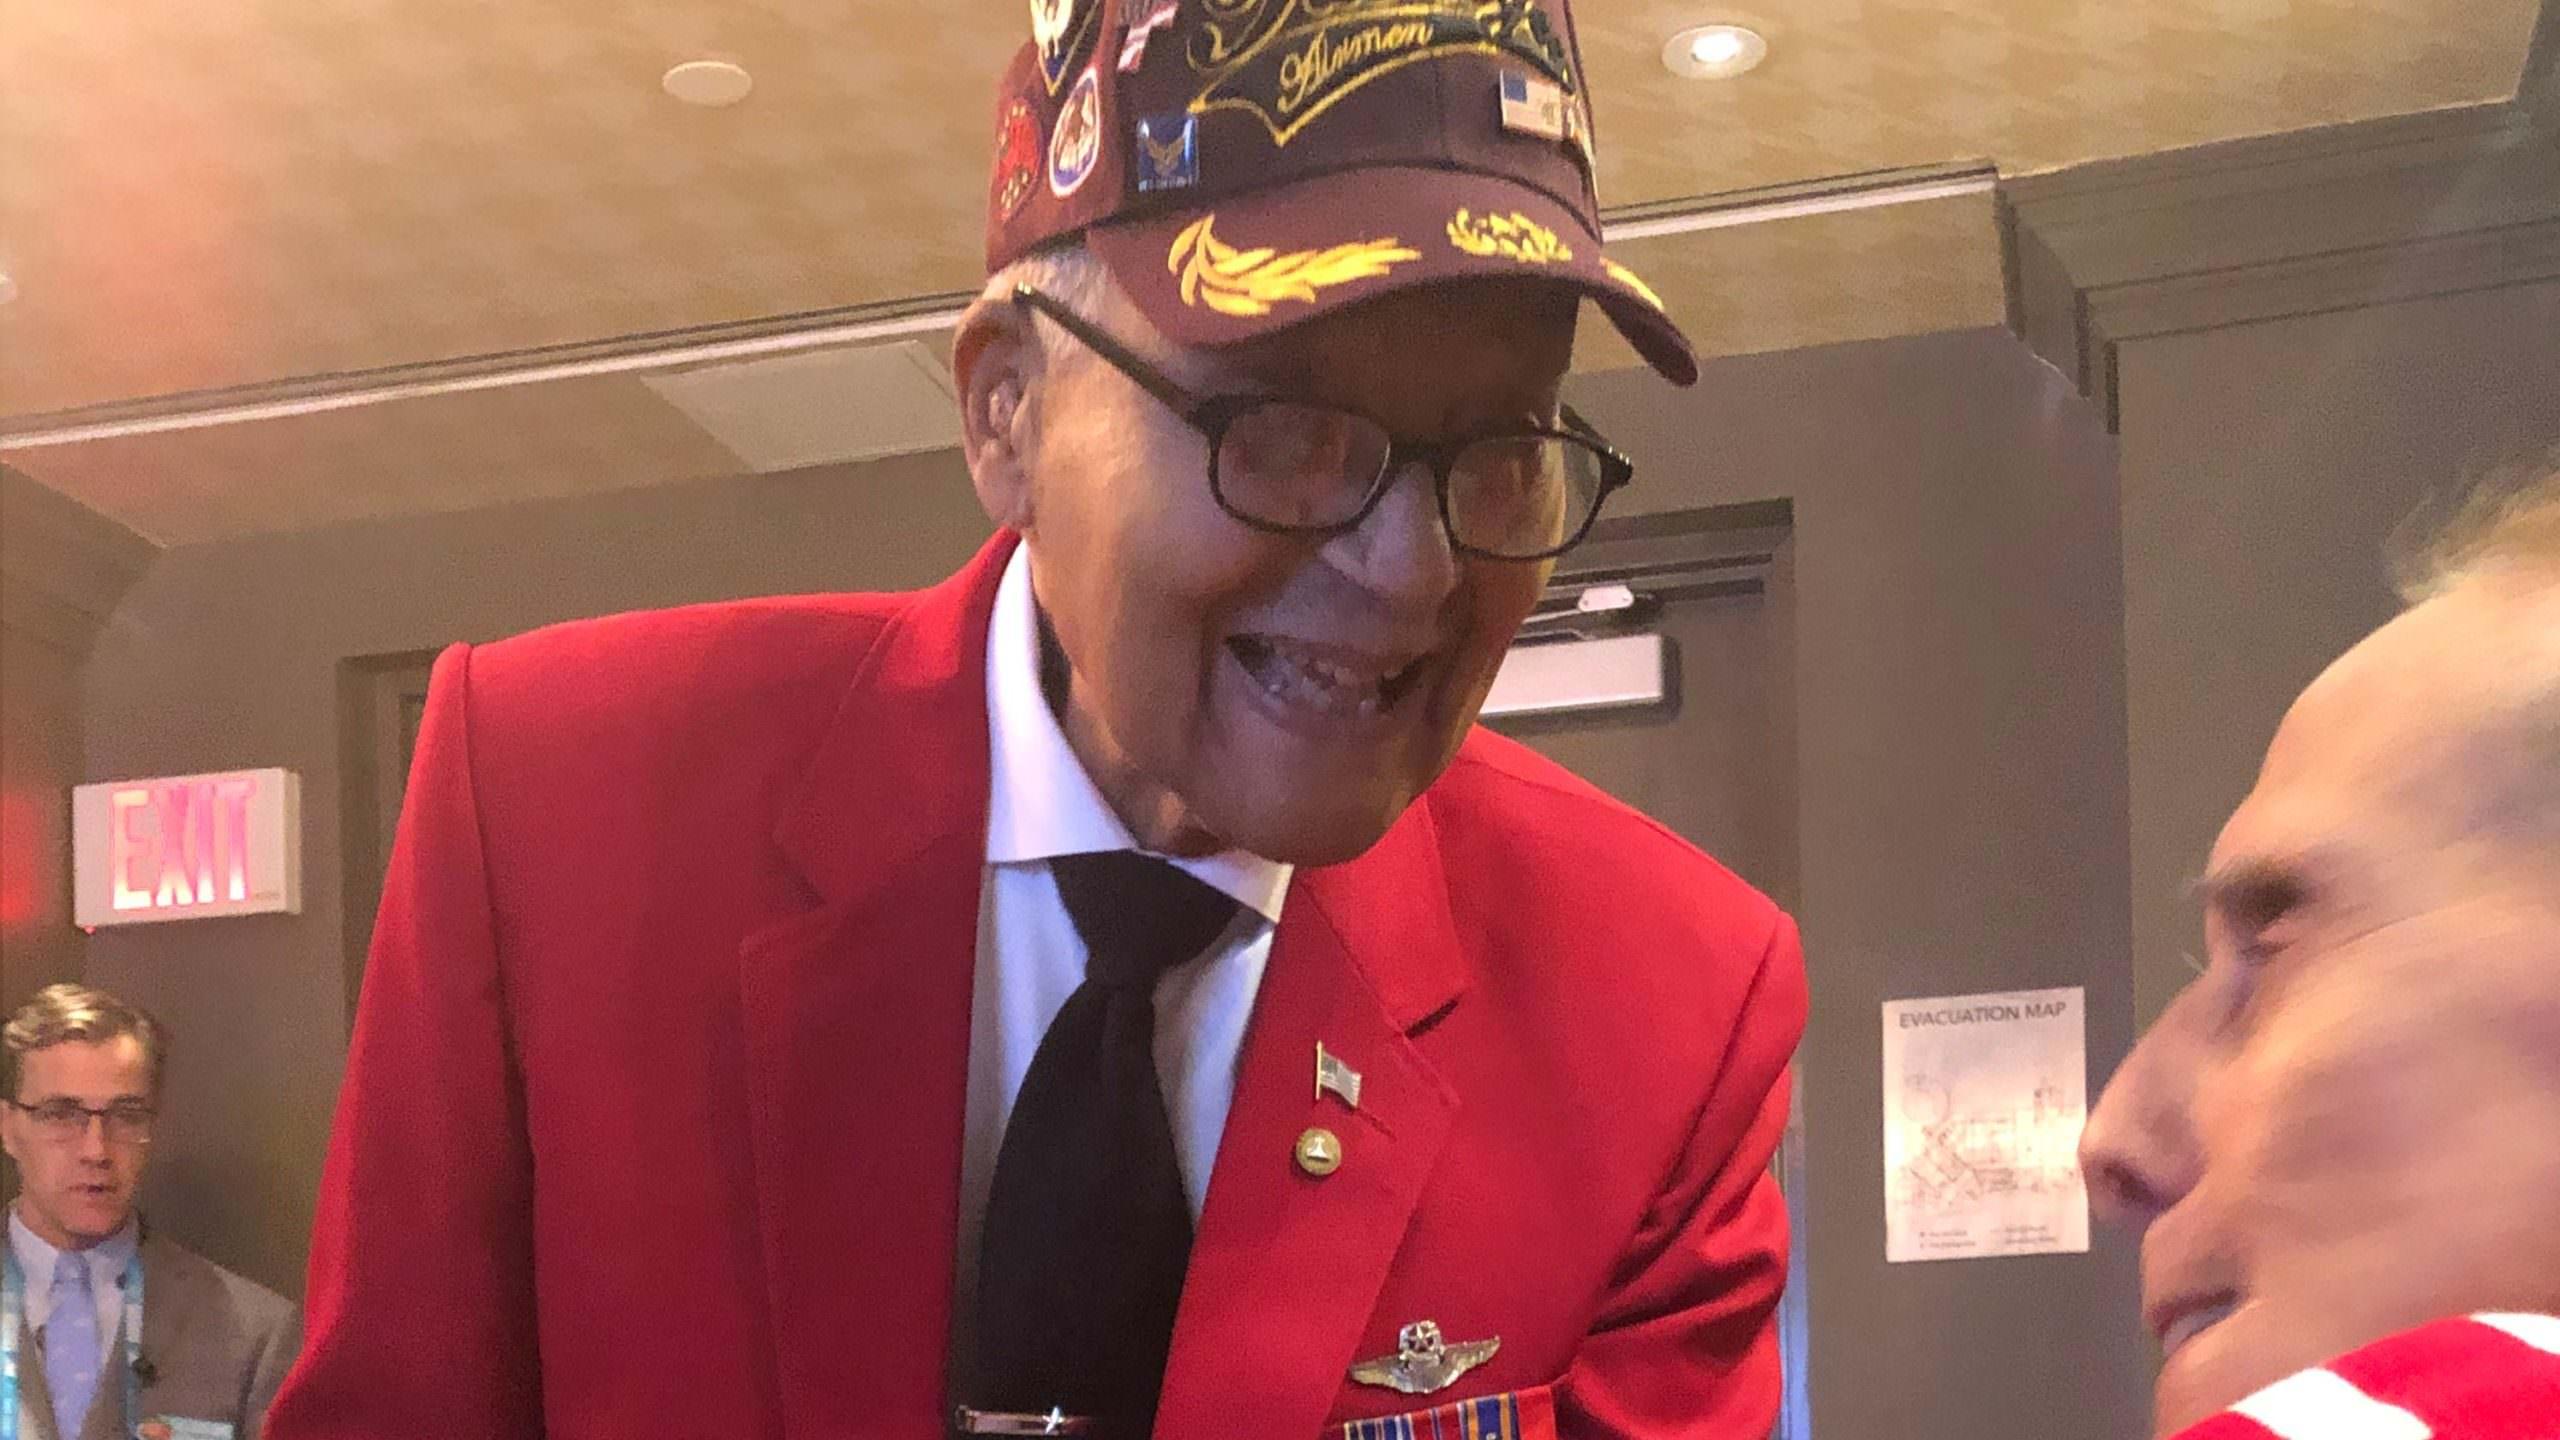 Conheça o veterano de 100 anos que apresentou o sorteio de moedas LIV do Super Bowl